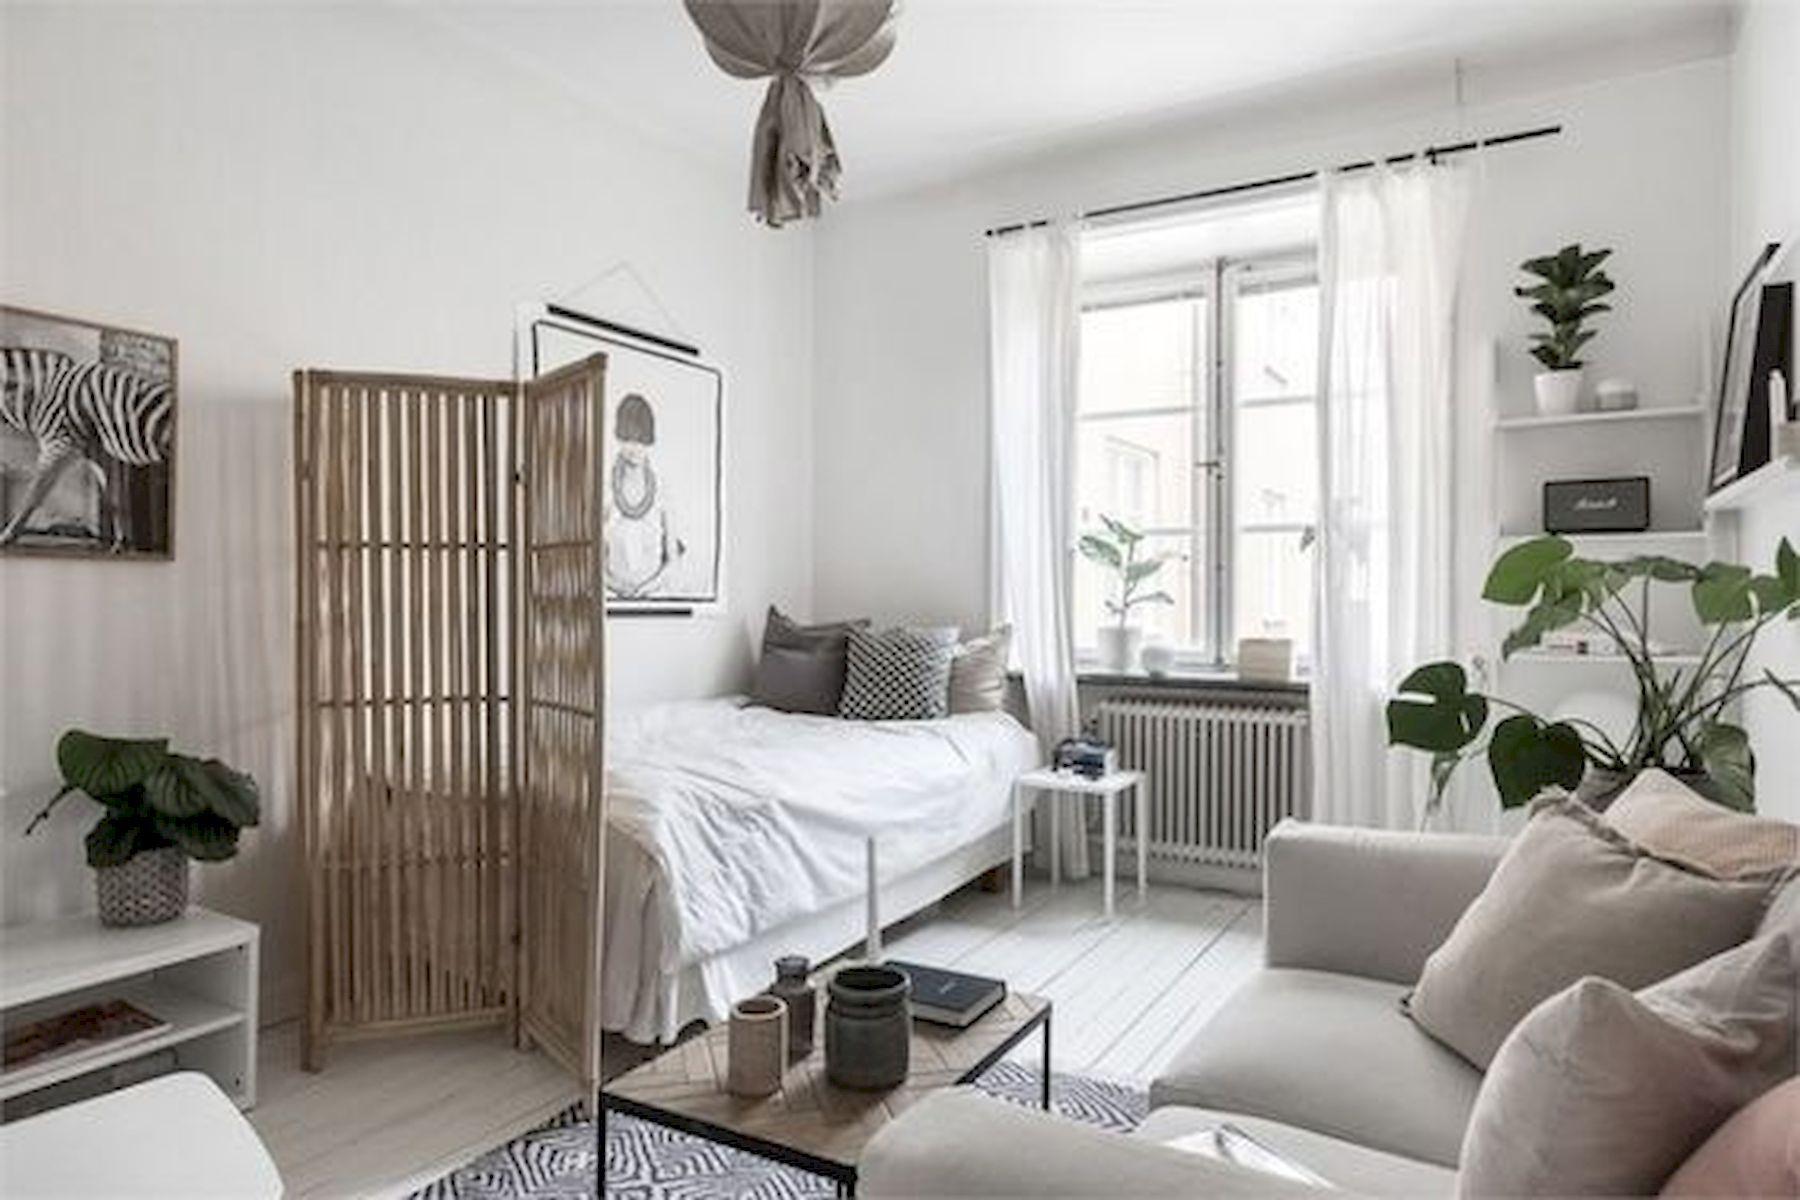 Épinglé par Klaudinf sur Room | Idée déco studio, Deco appartement et Deco studio